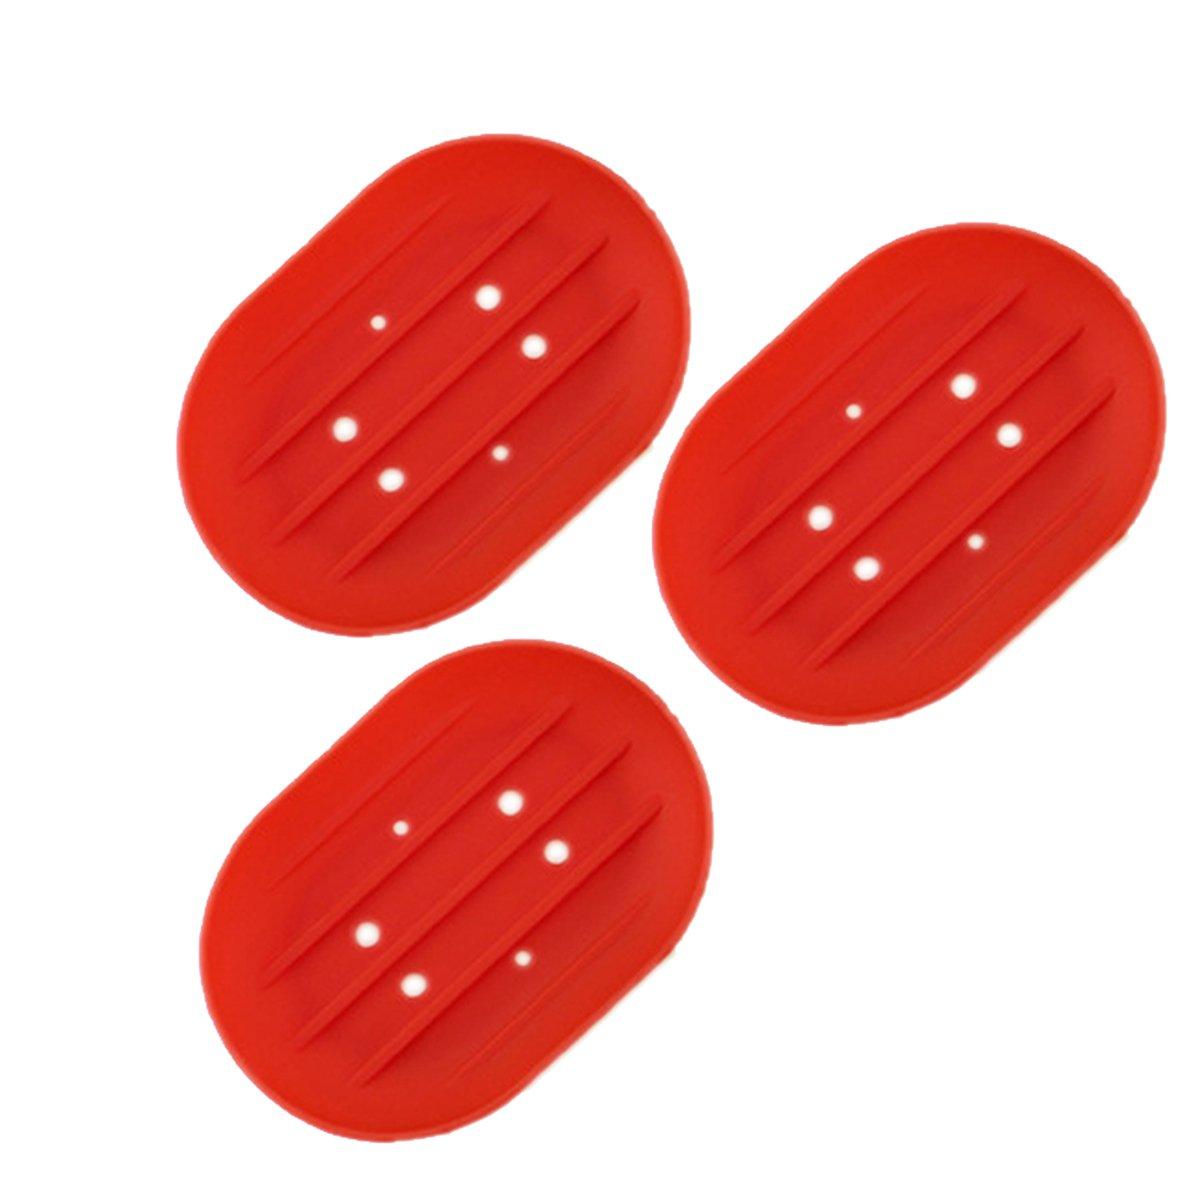 BESTOMZ 3 pezzi portasapone in silicone per mantenere le barre di sapone secco e pulito per il bagno cucina 11.5x8x2cm (rosso)